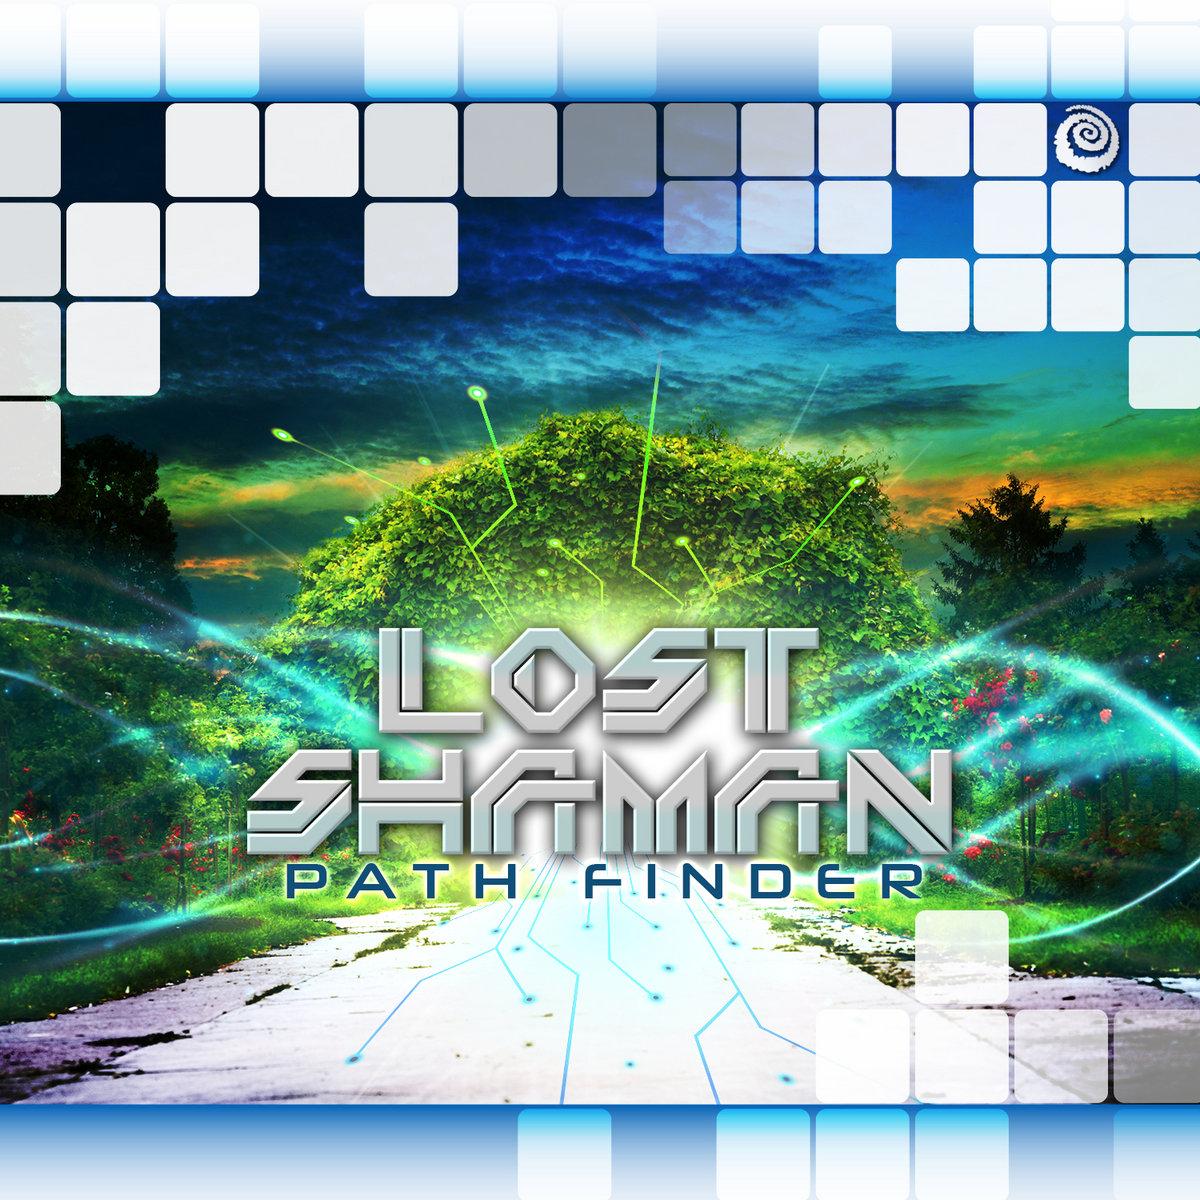 Lost Shaman - Path Finder | Spiral Trax